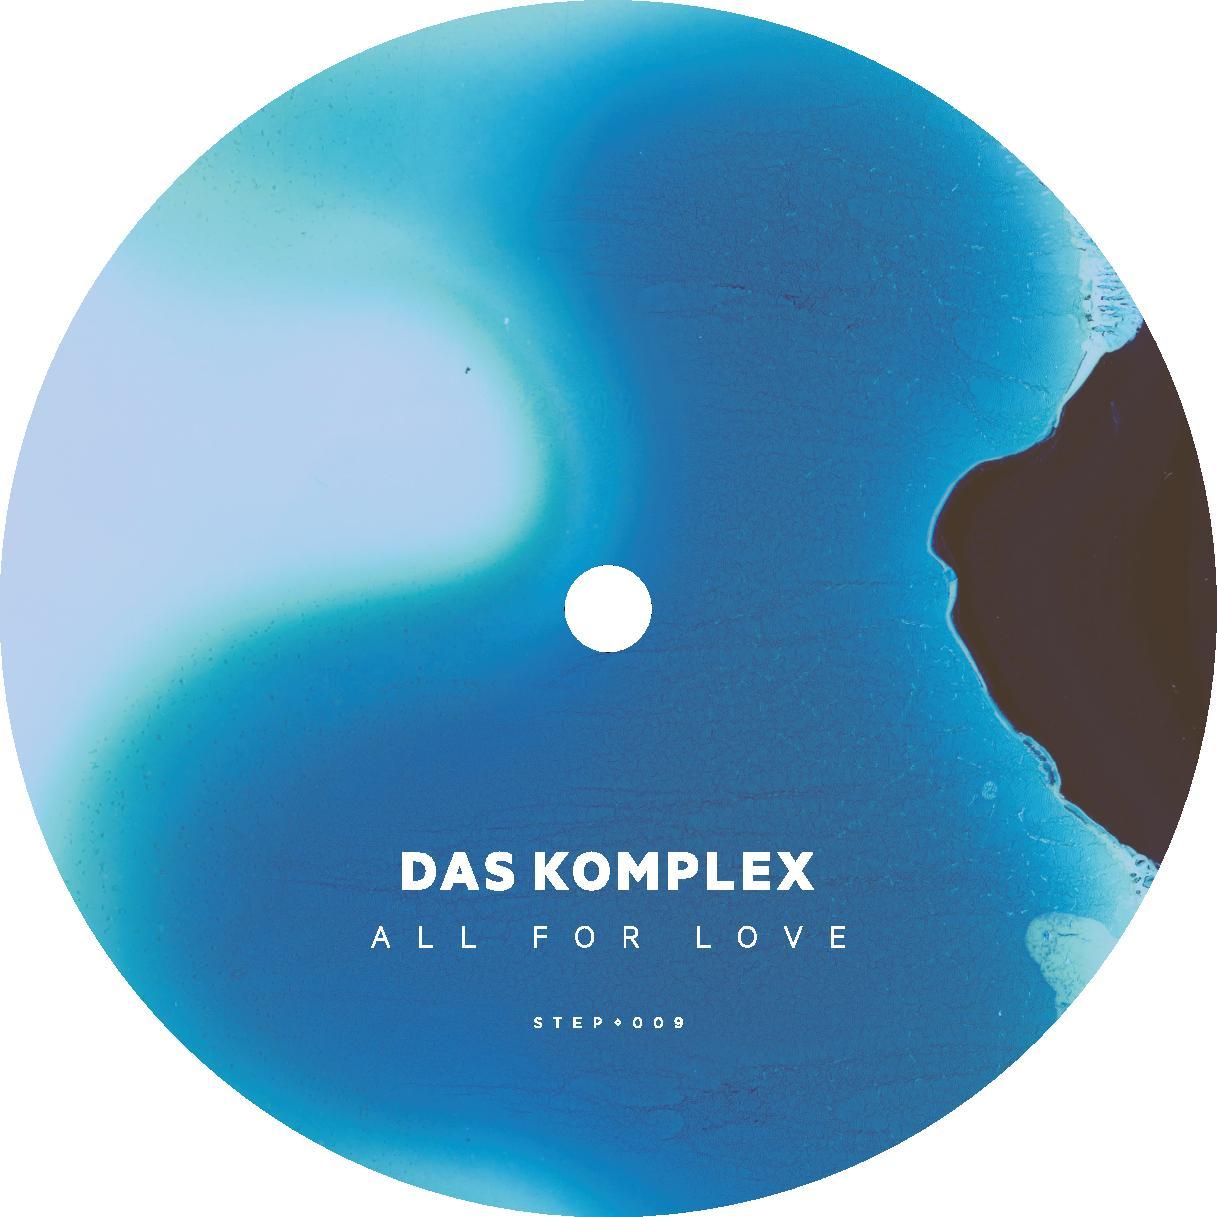 Das Komplex - All For Love LP [STEP009]